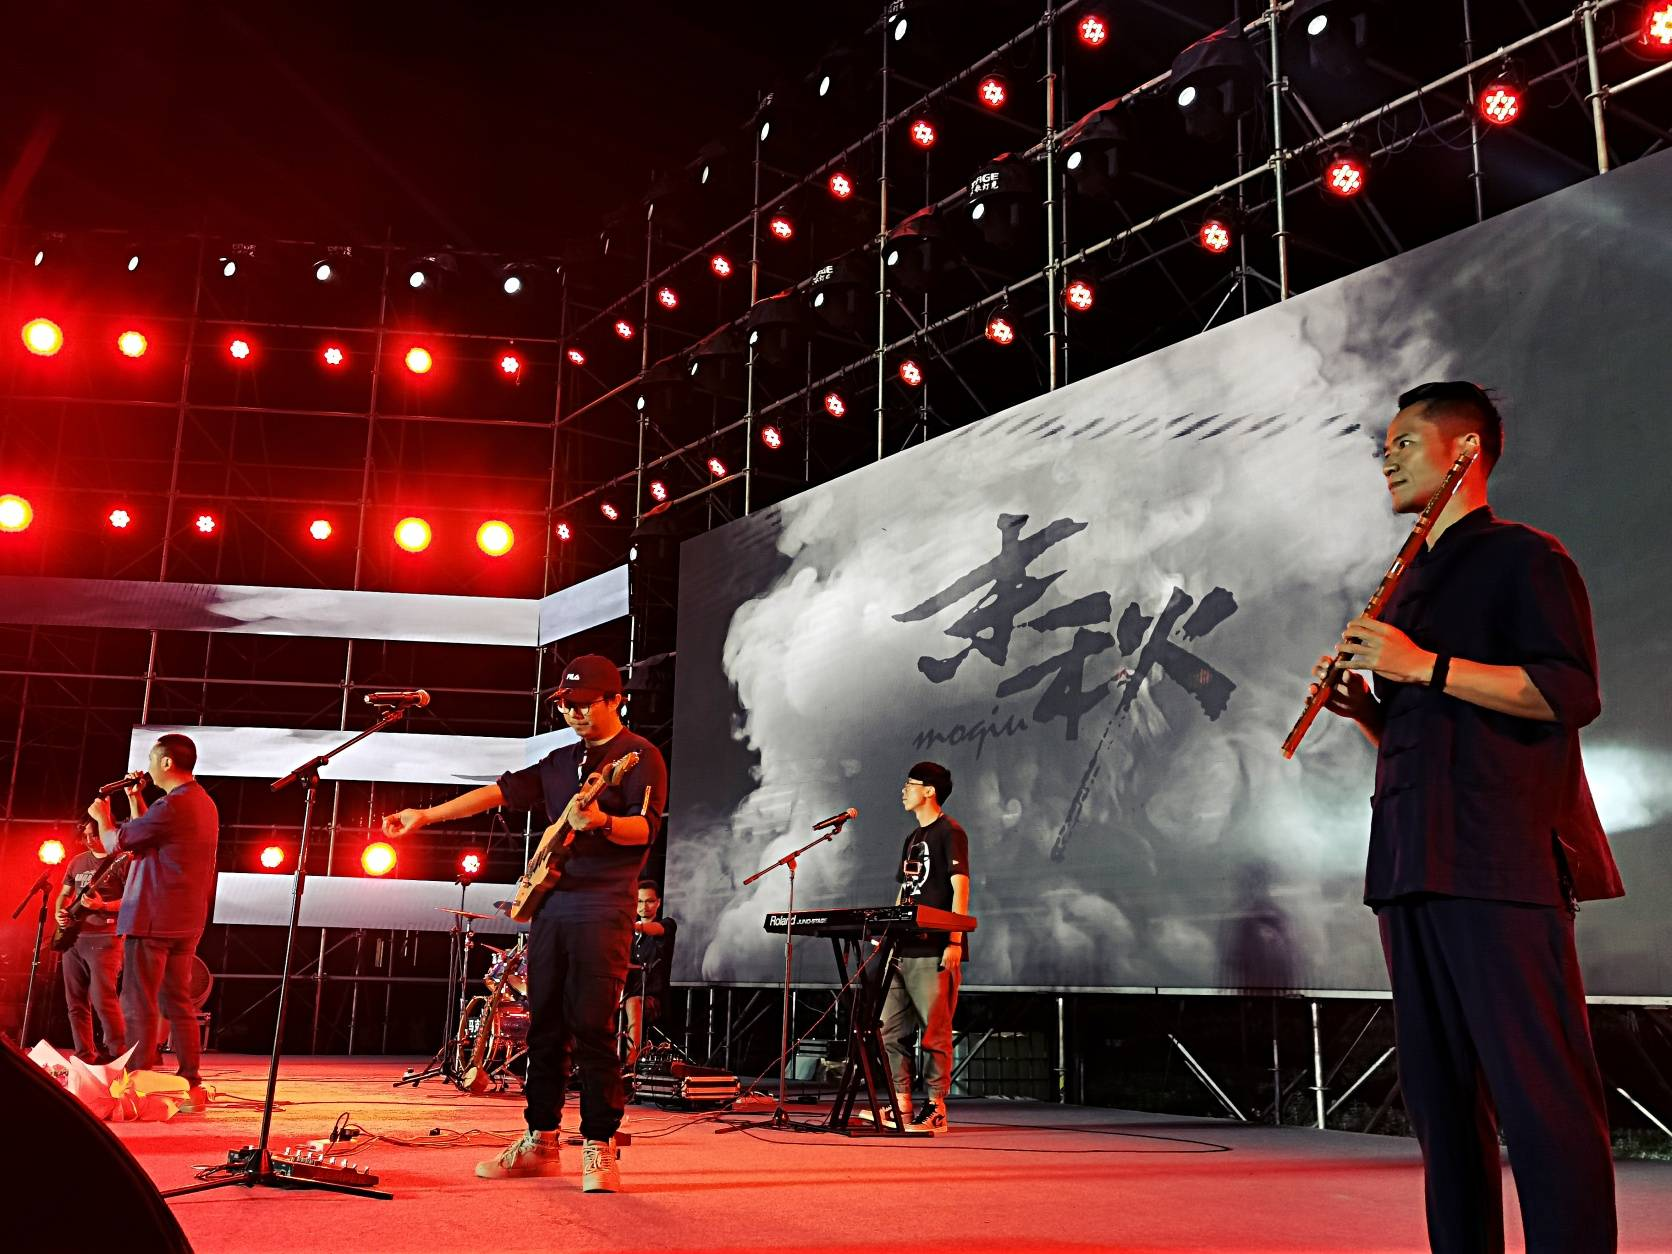 云南省红河州第一中学举行教师节公益专场音乐会-天津热点网